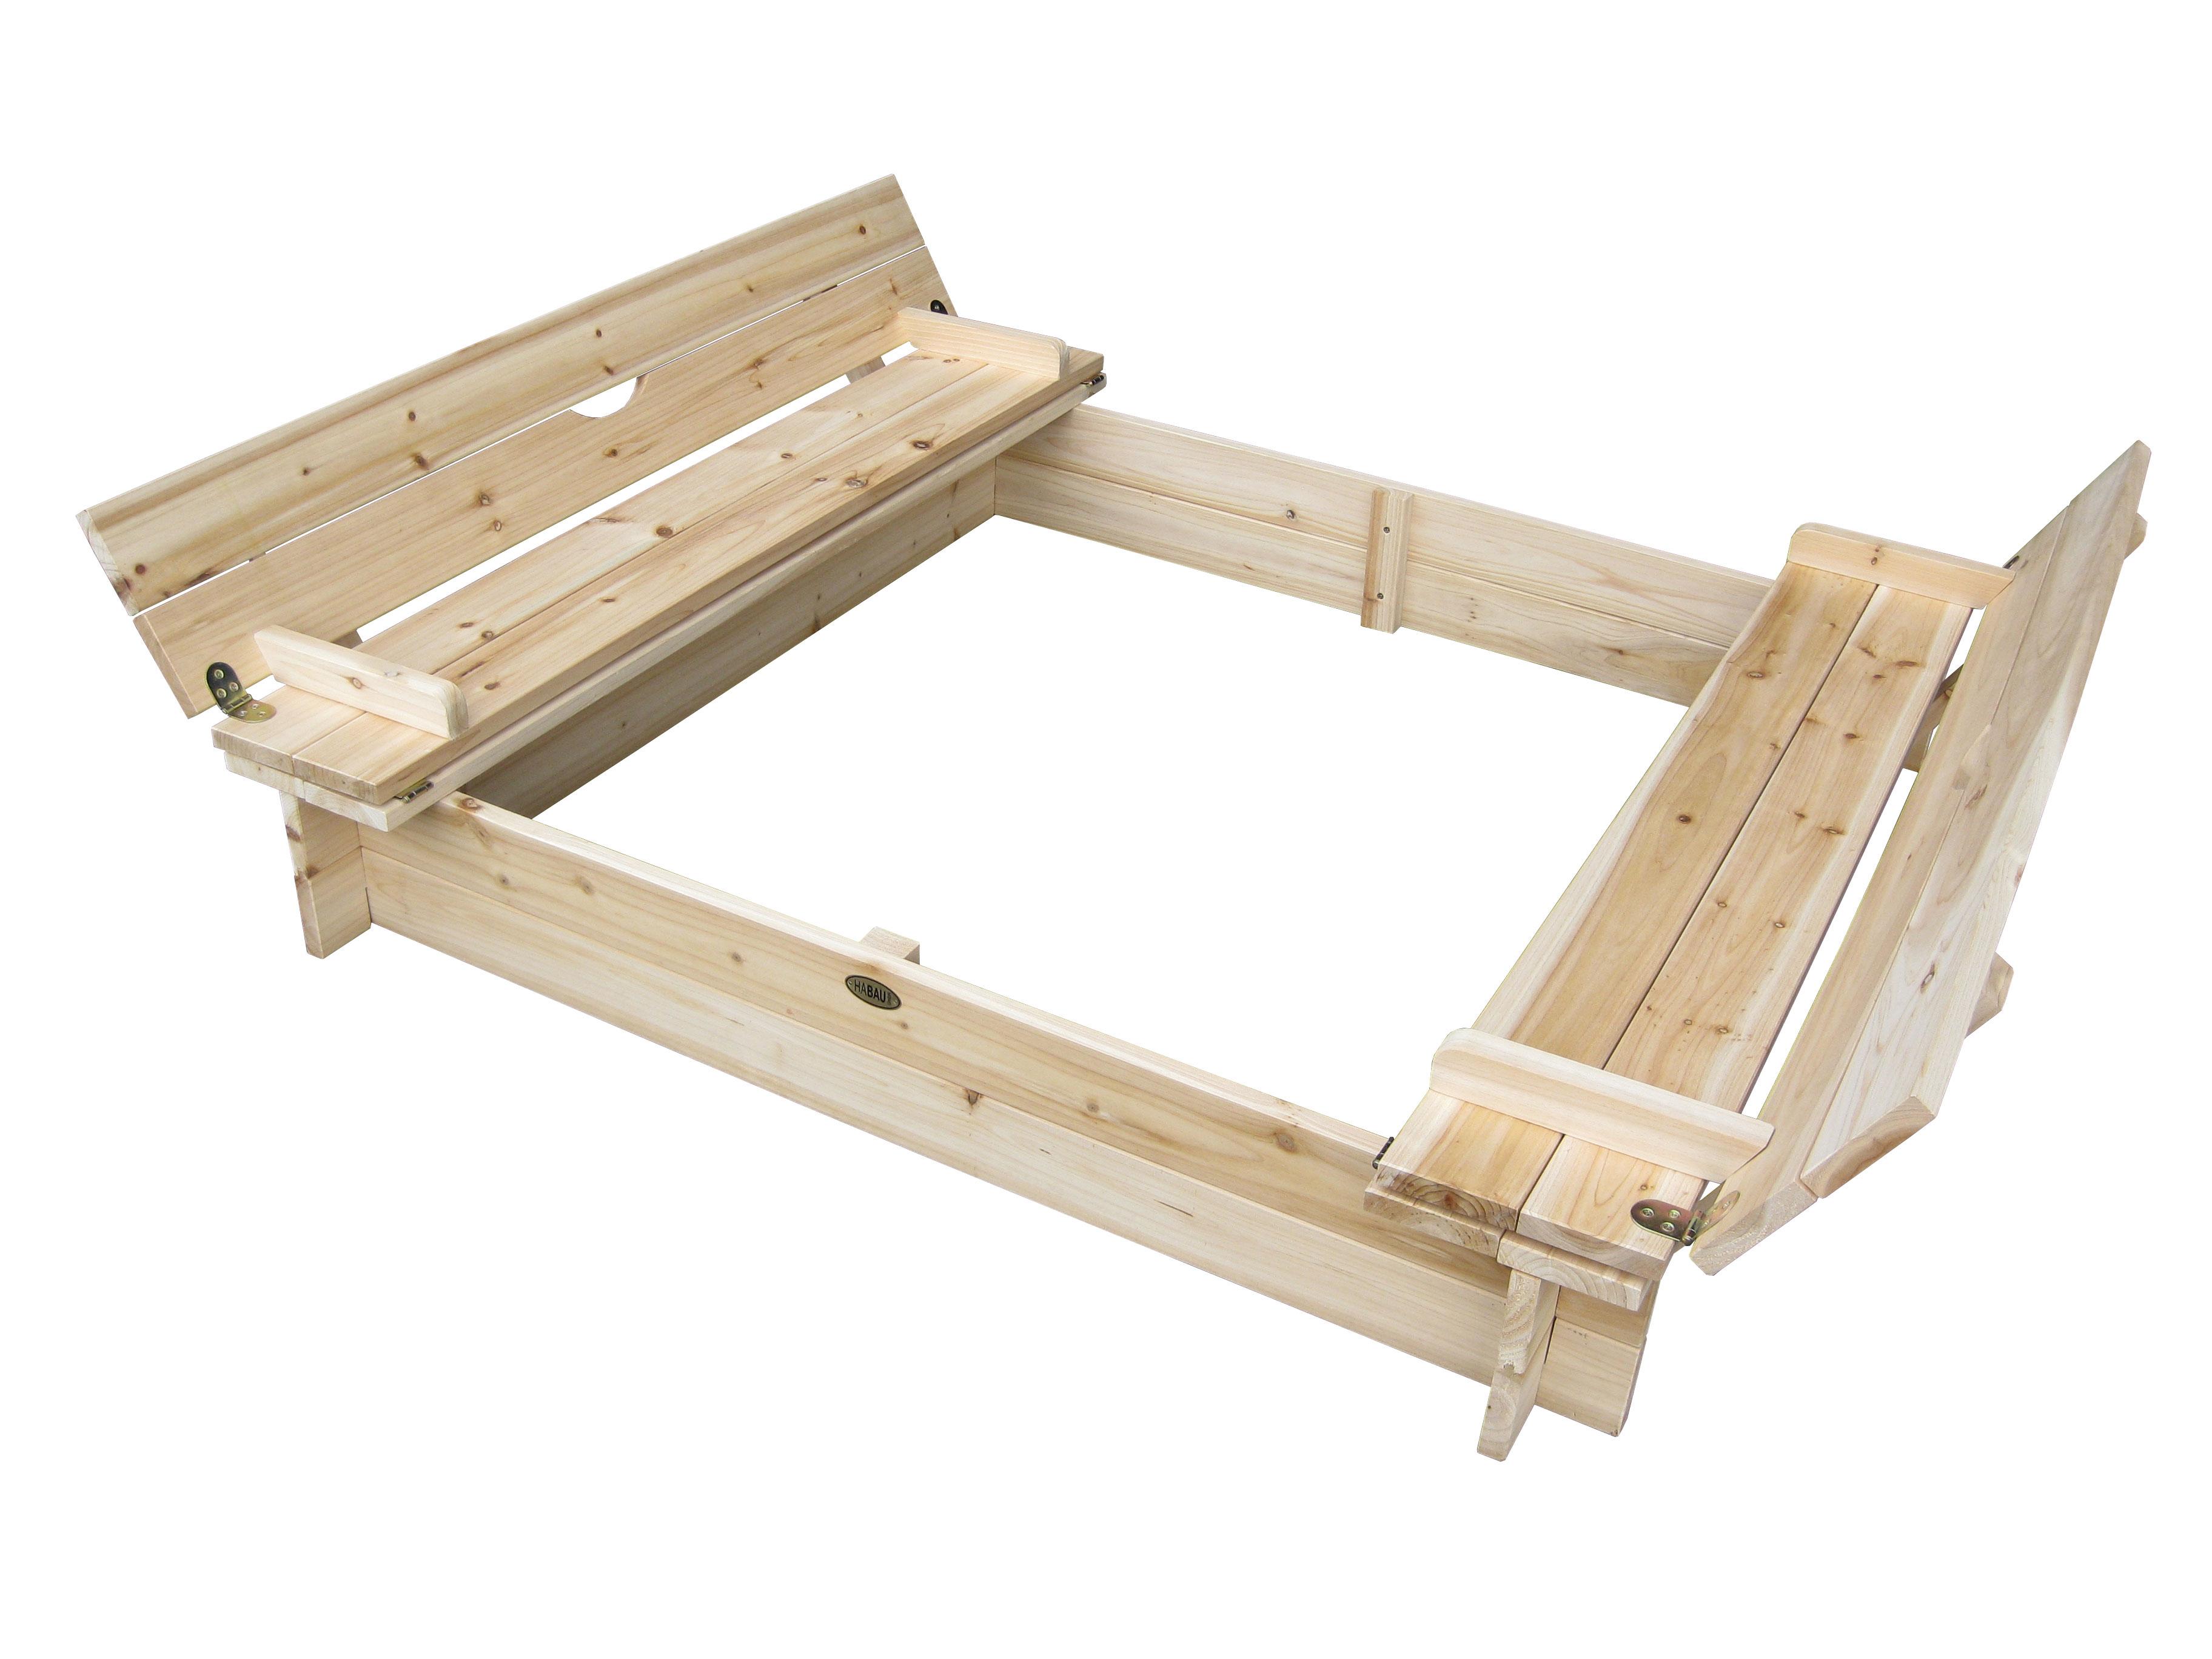 sandkasten mit deckel habau sandkasten mit deckel und integrierter bank sandkasten mit deckel. Black Bedroom Furniture Sets. Home Design Ideas